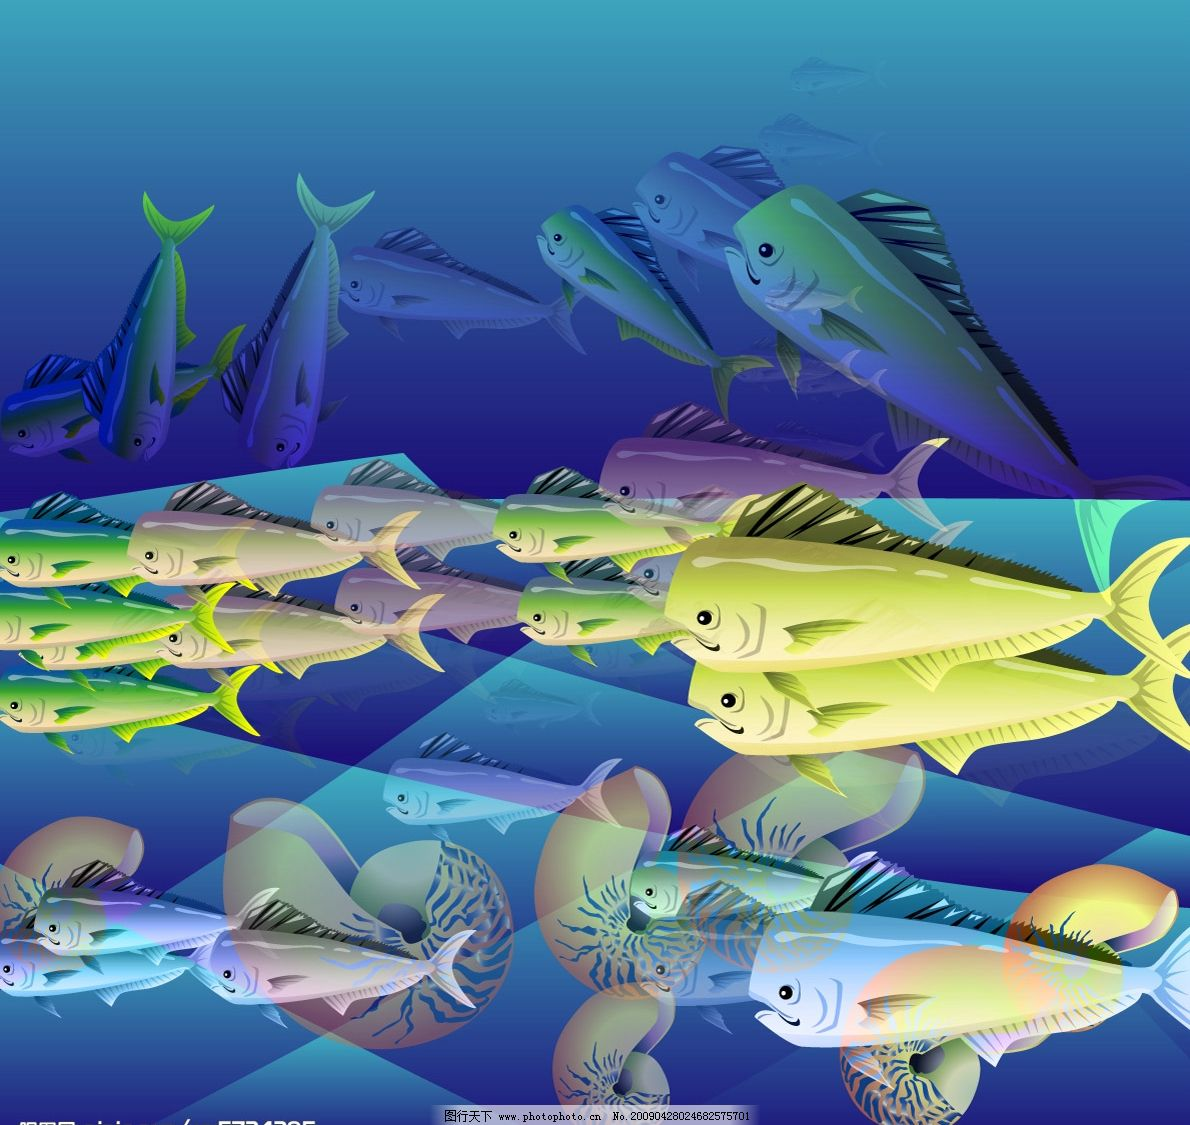 鱼 生物世界 精美卡通 矢量素材 卡通图 广告设计 海报设计 ai 鱼类